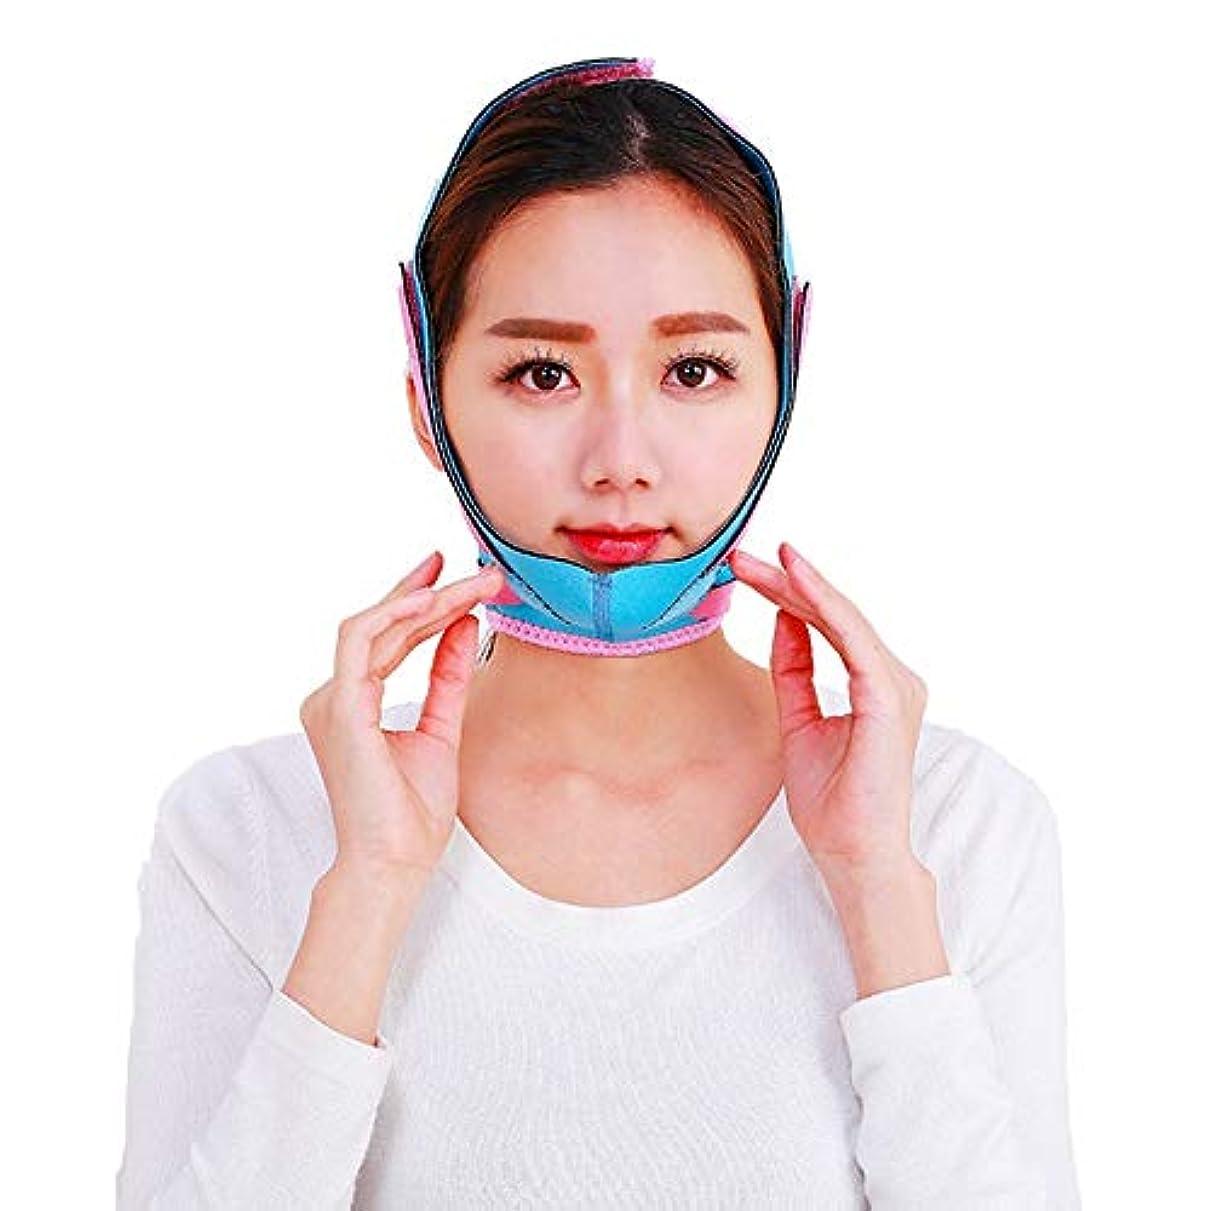 創傷値下げ気を散らす薄い顔のベルト - 薄い顔のベルト 顔の包帯前面のリフティングマスクVの顔薄い面の小さな持ち上げツール 美しさ